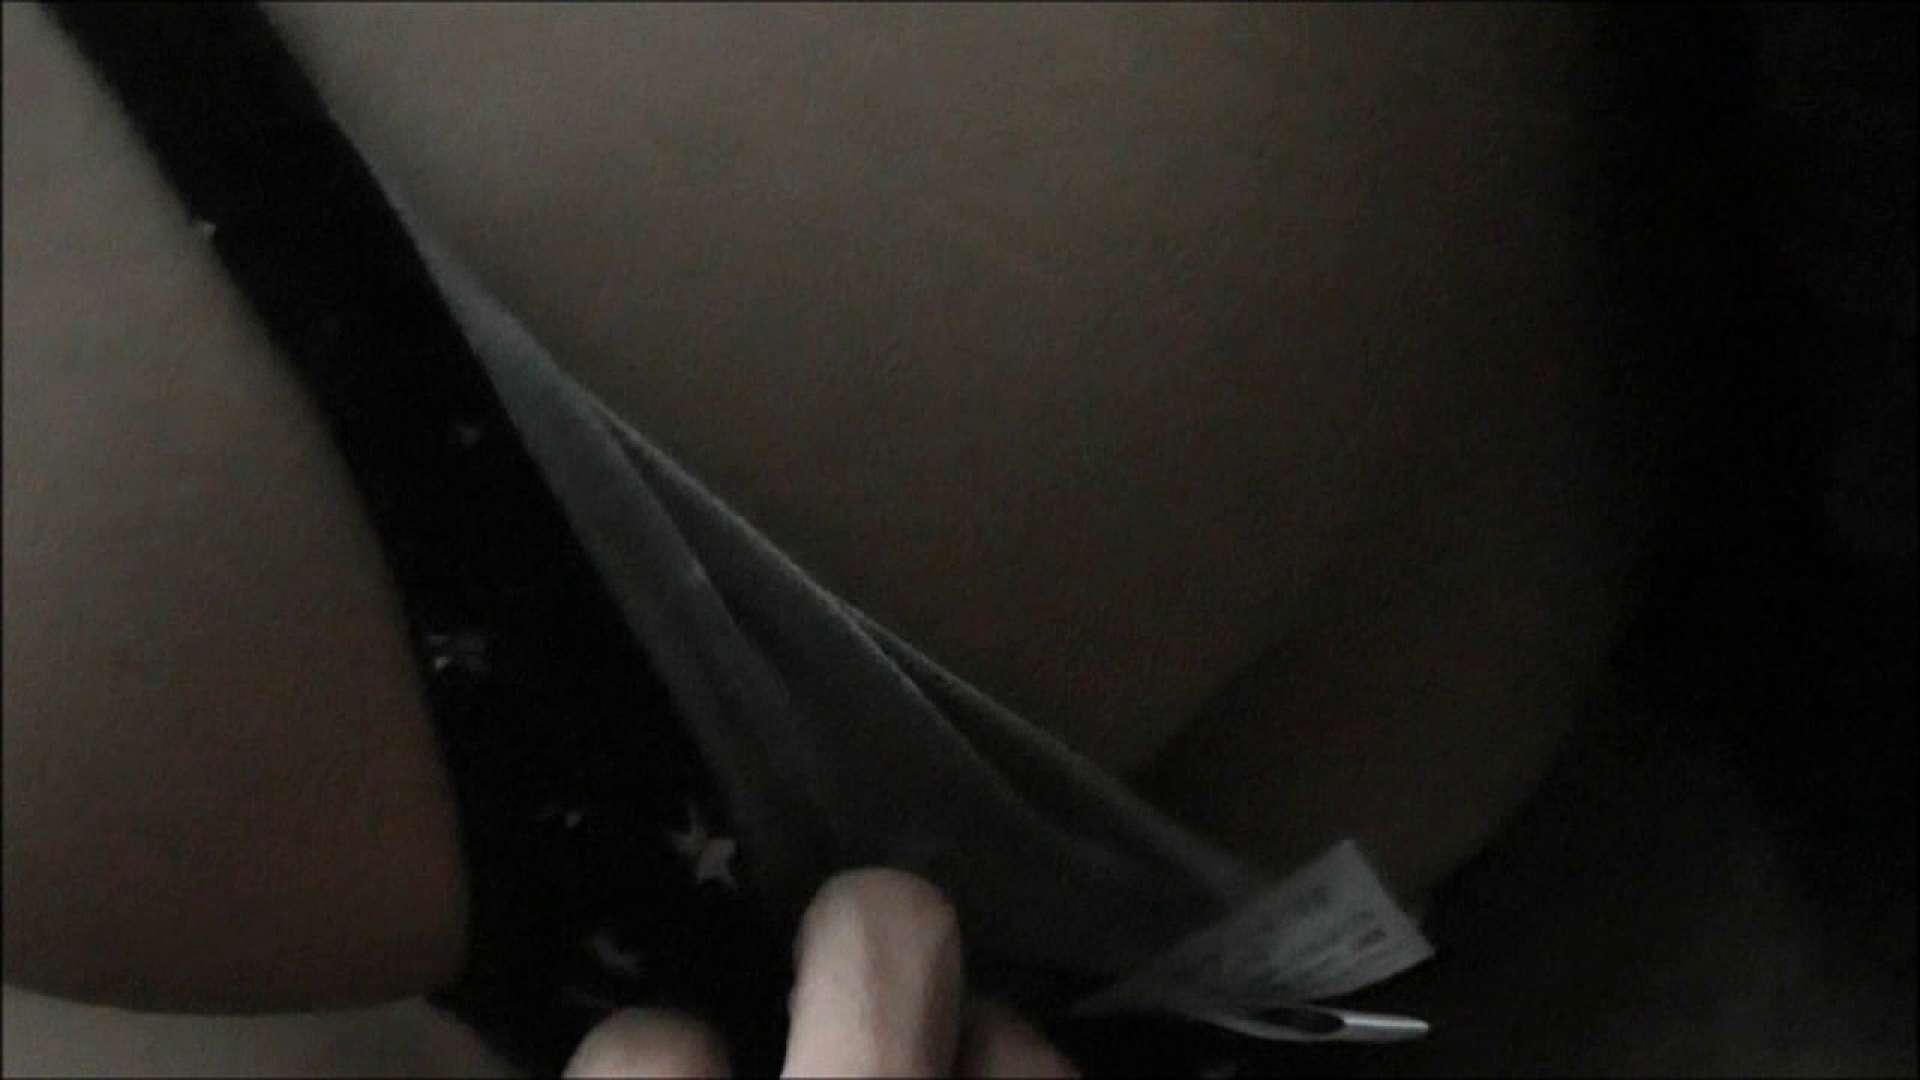 vol.3 ユリナちゃん、今日はよく魔法が効いてるようでした。 いじくり AV動画キャプチャ 49画像 35